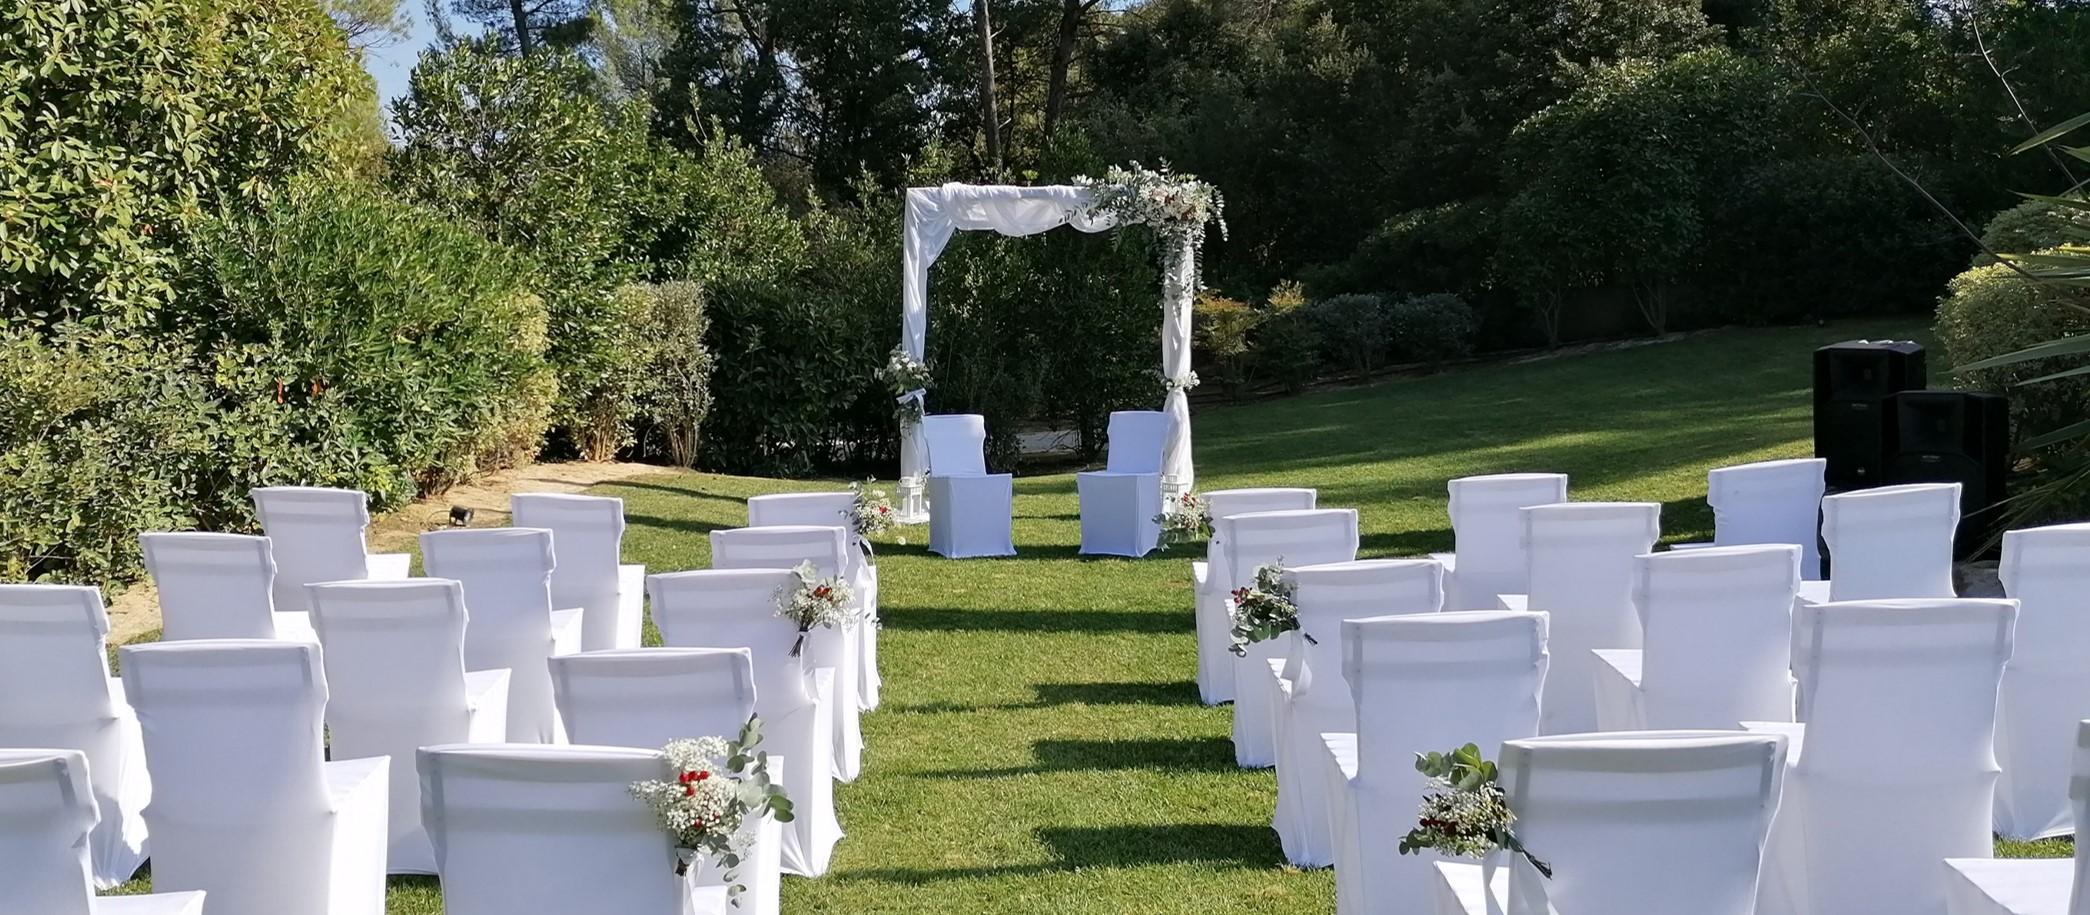 Mariage : les questions à poser lors de la visite d'un lieu